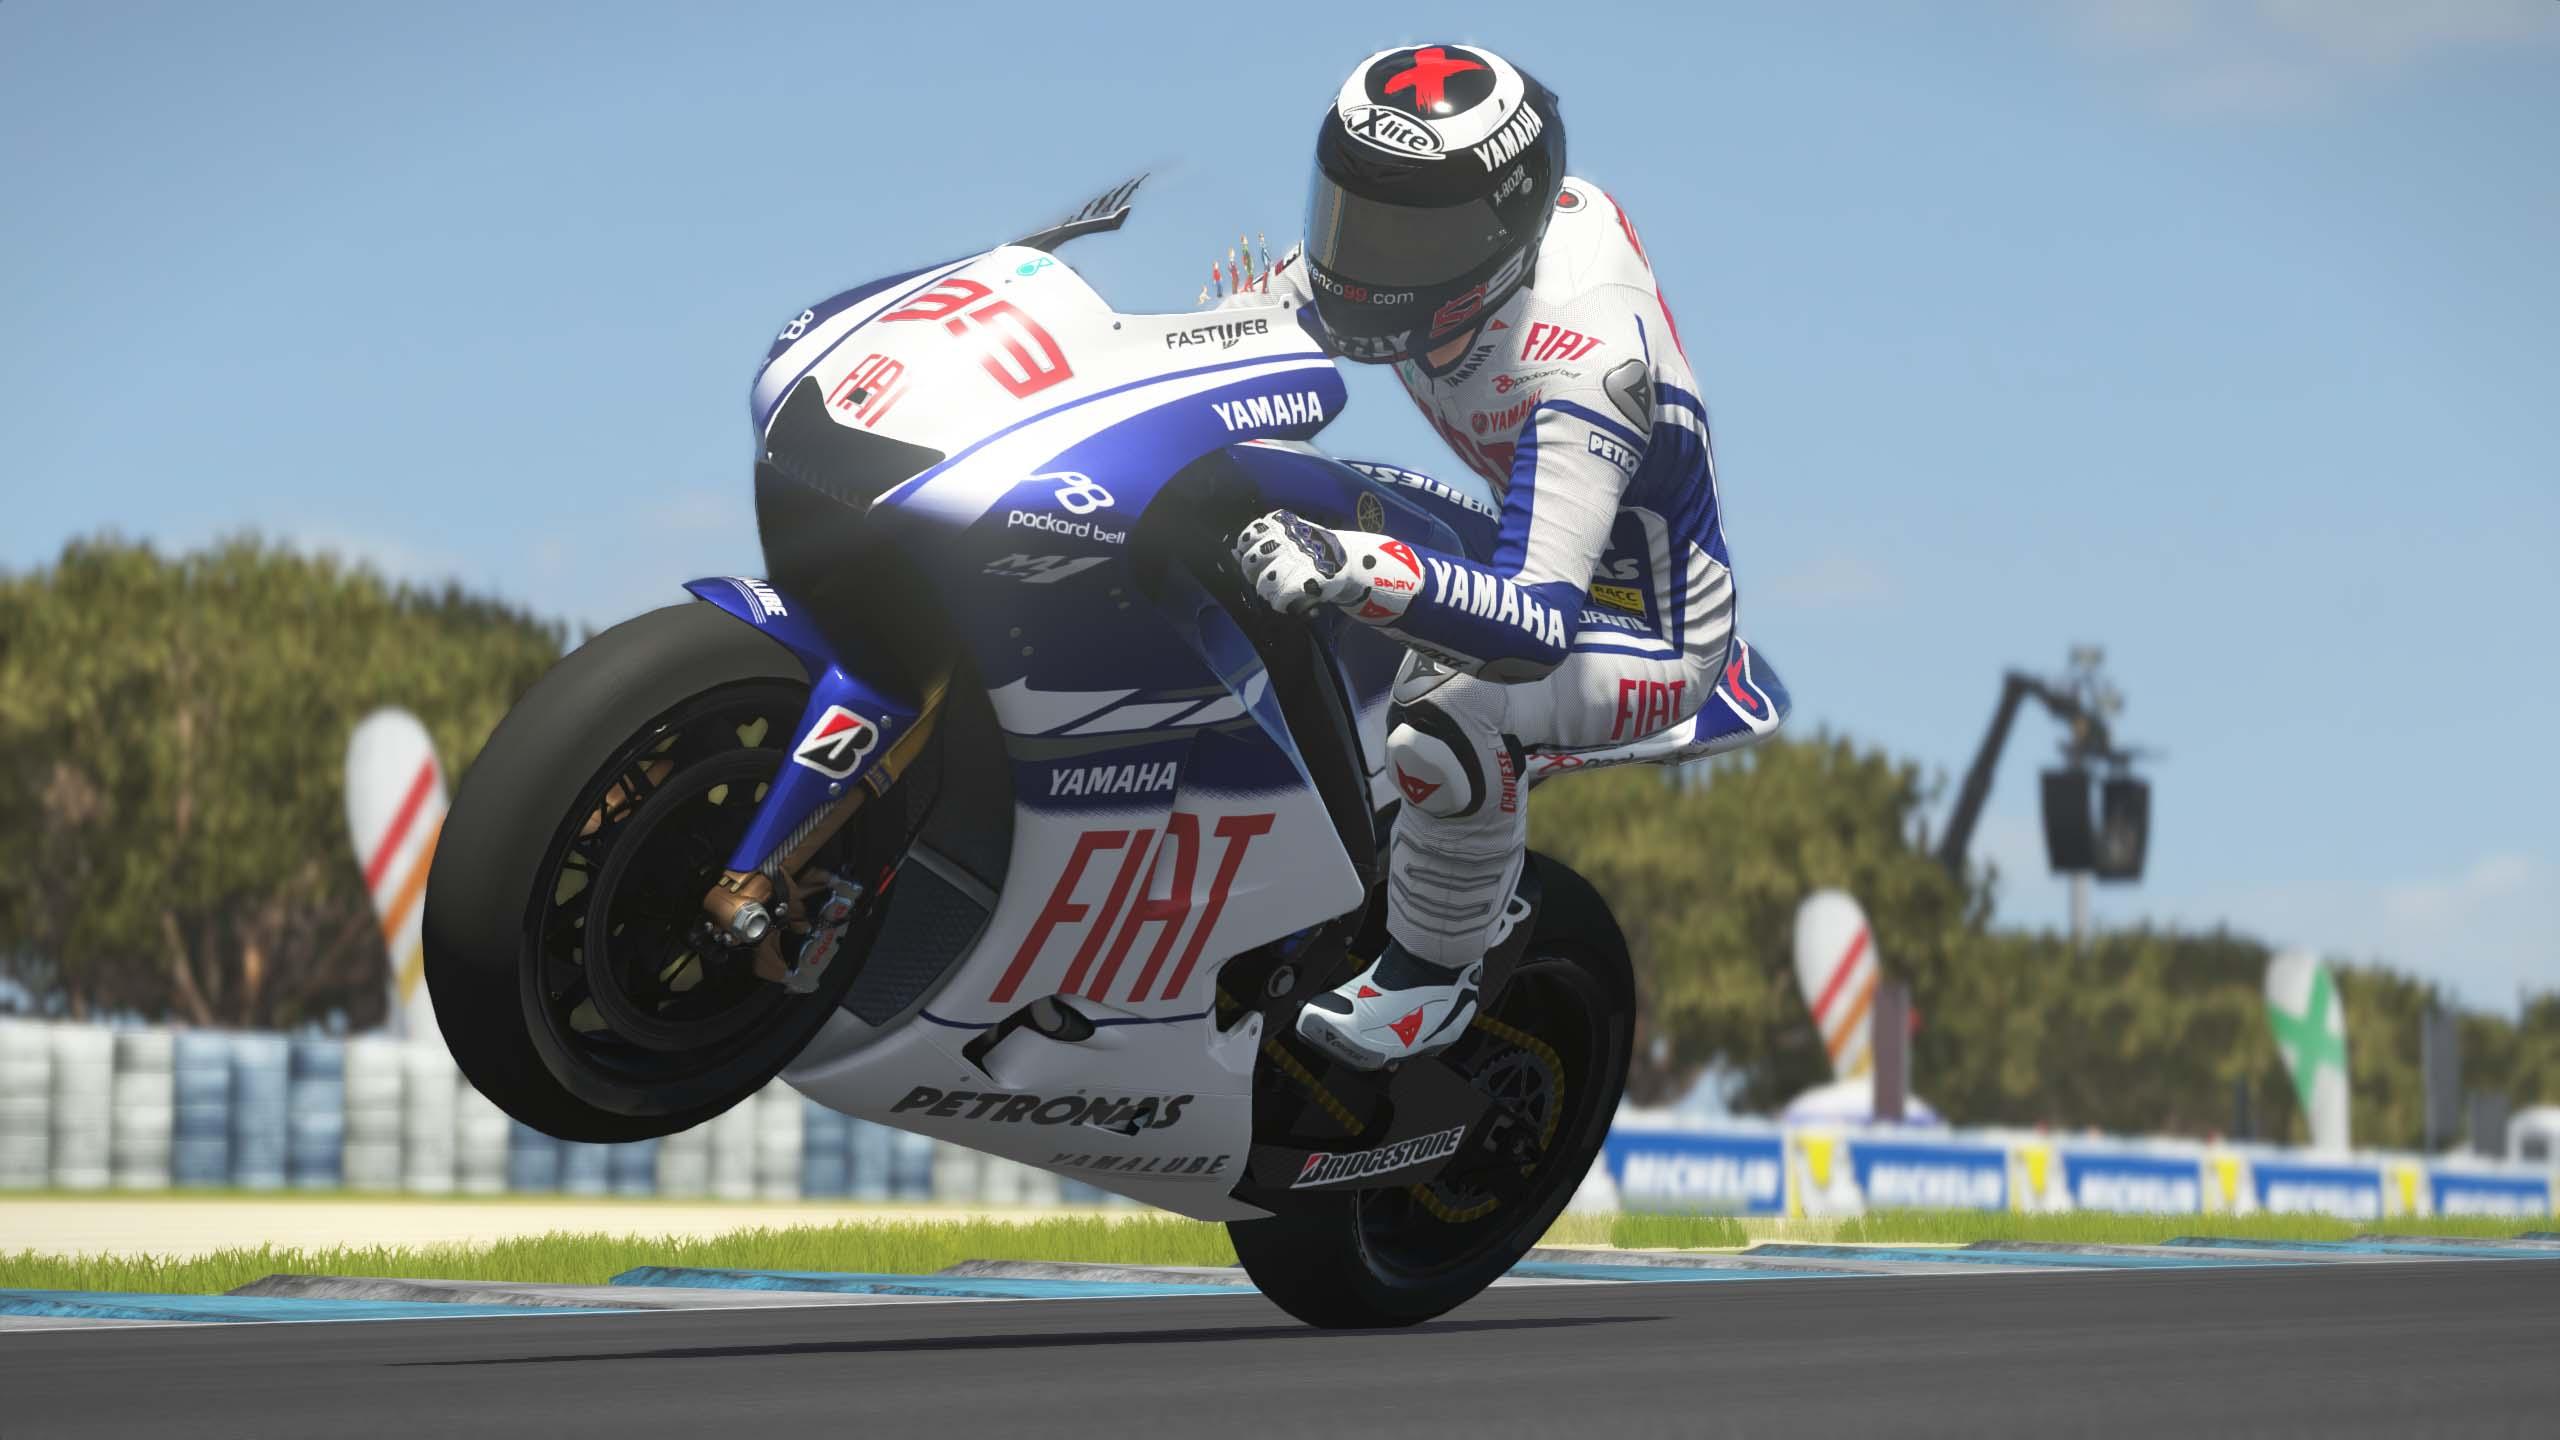 MotoGPVR46X64 2016-08-15 19-37-25-66.jpg